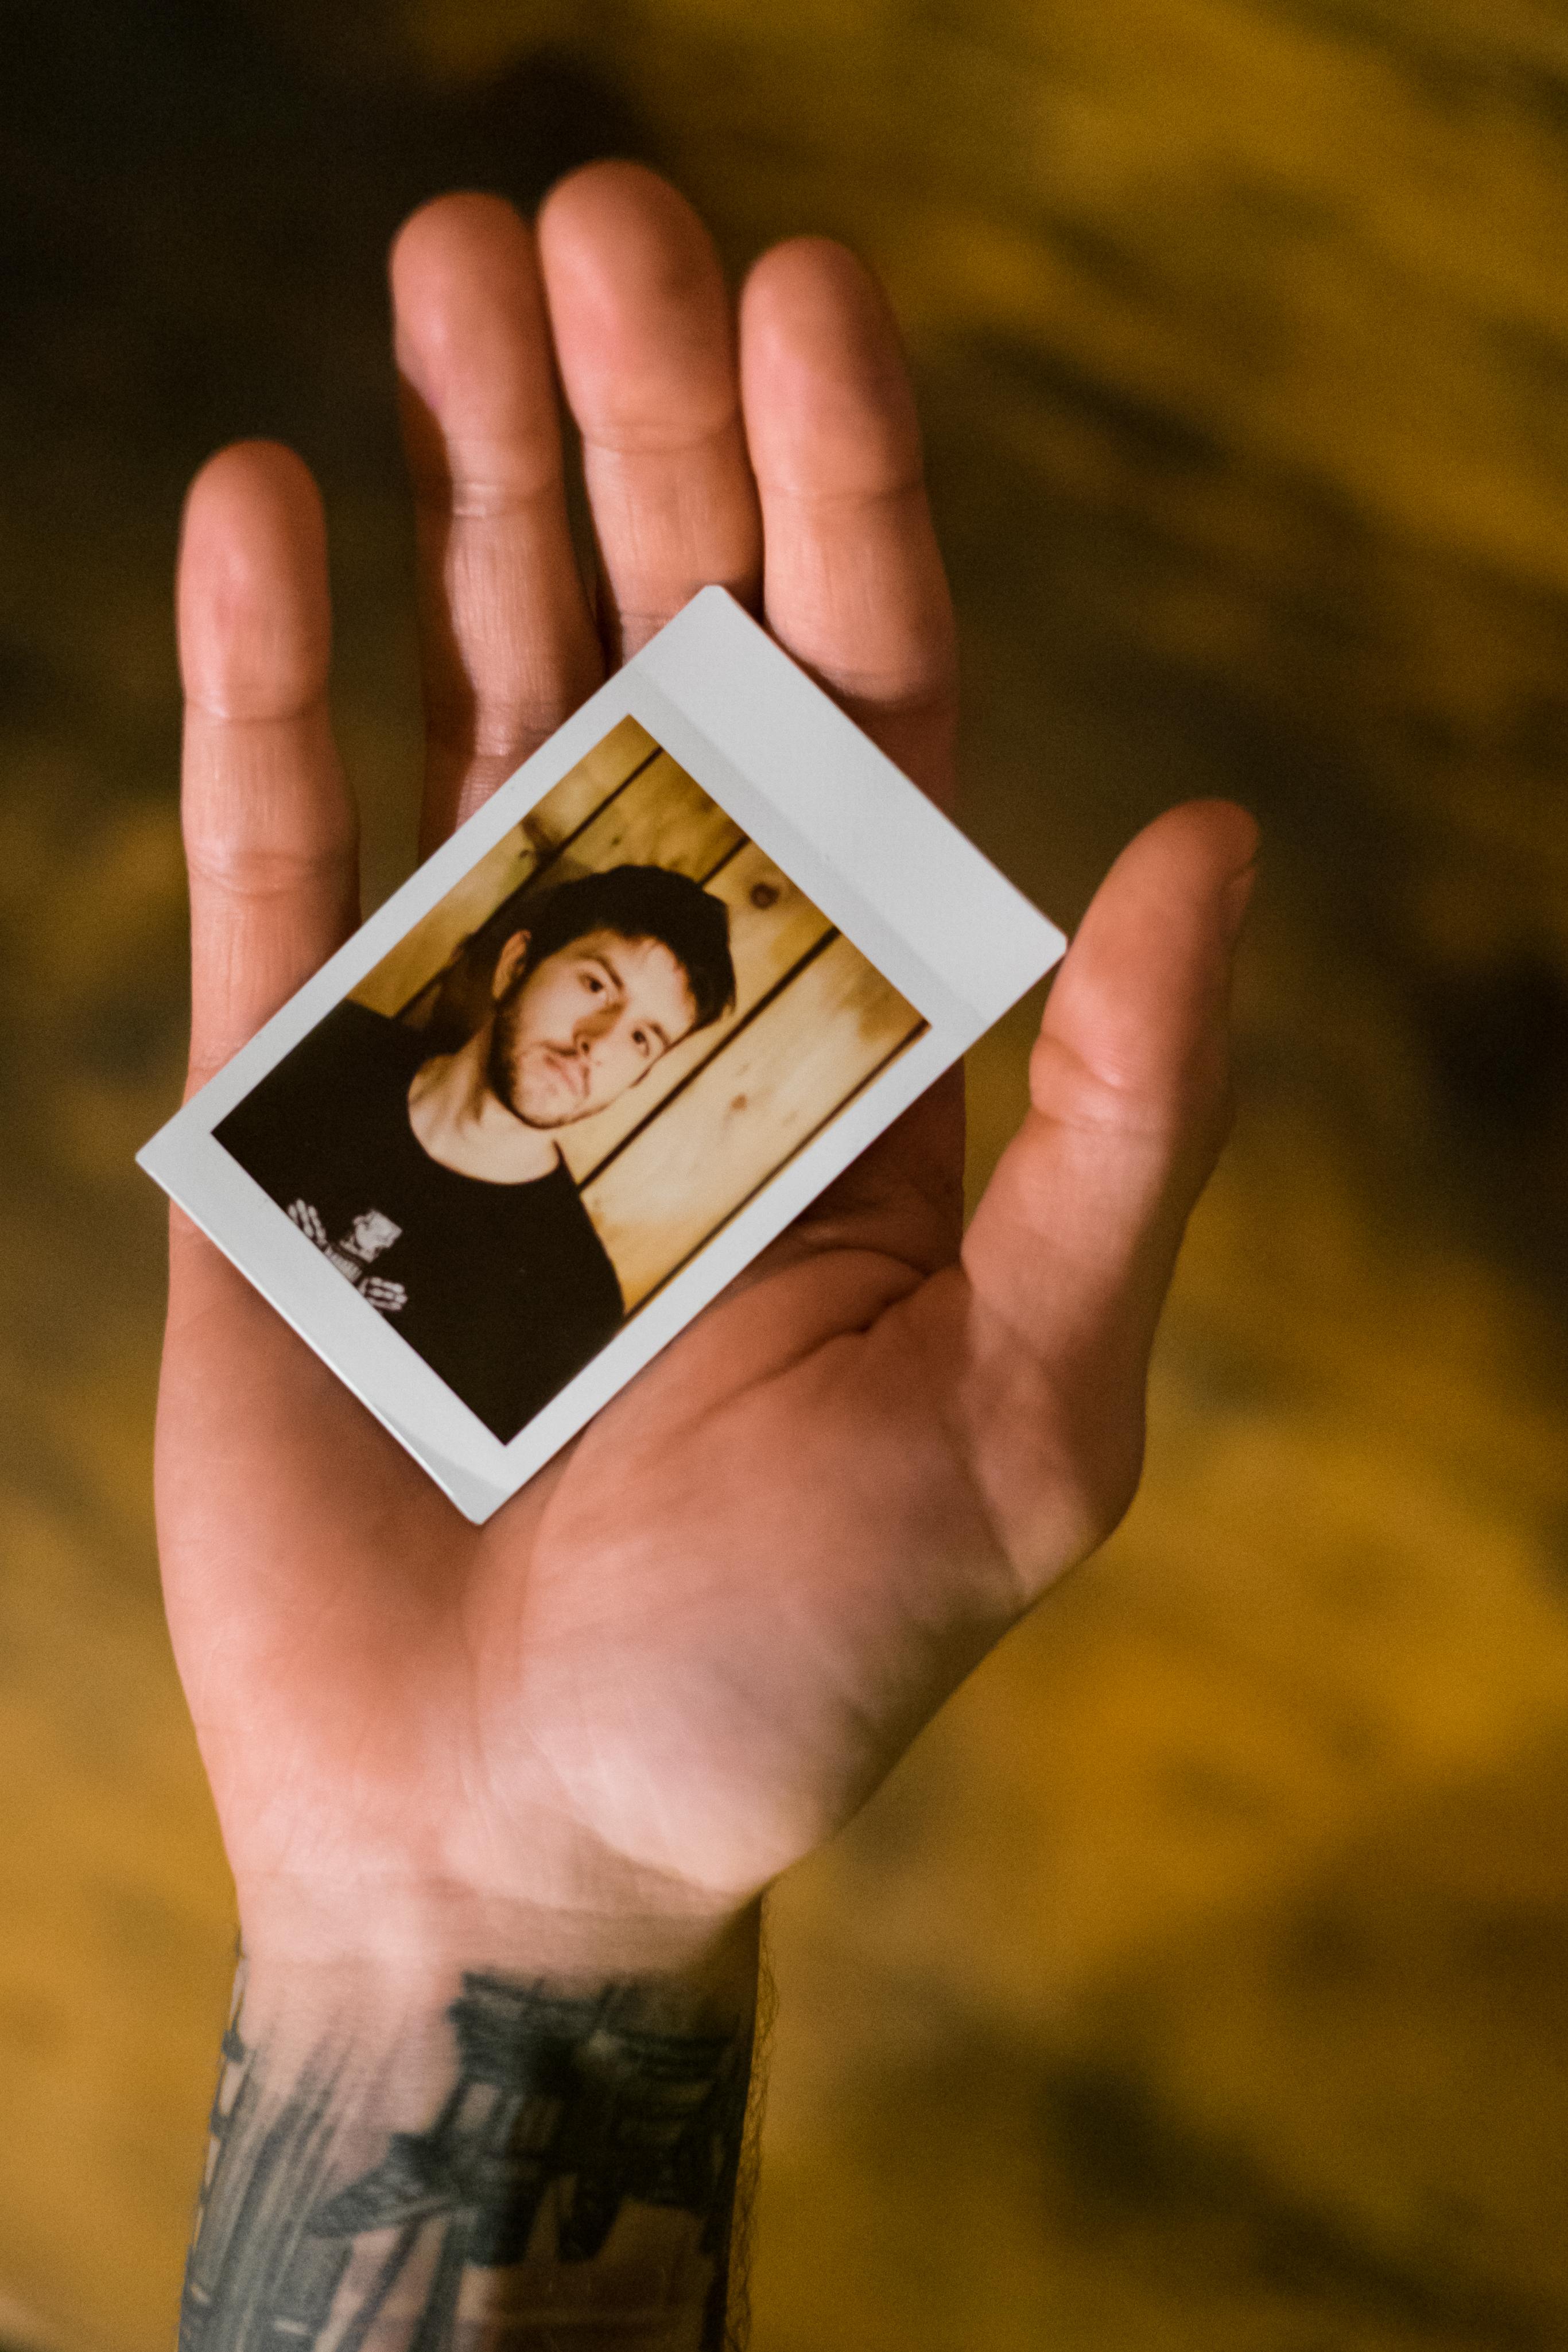 Olivier Bourget portrait dans la main-195